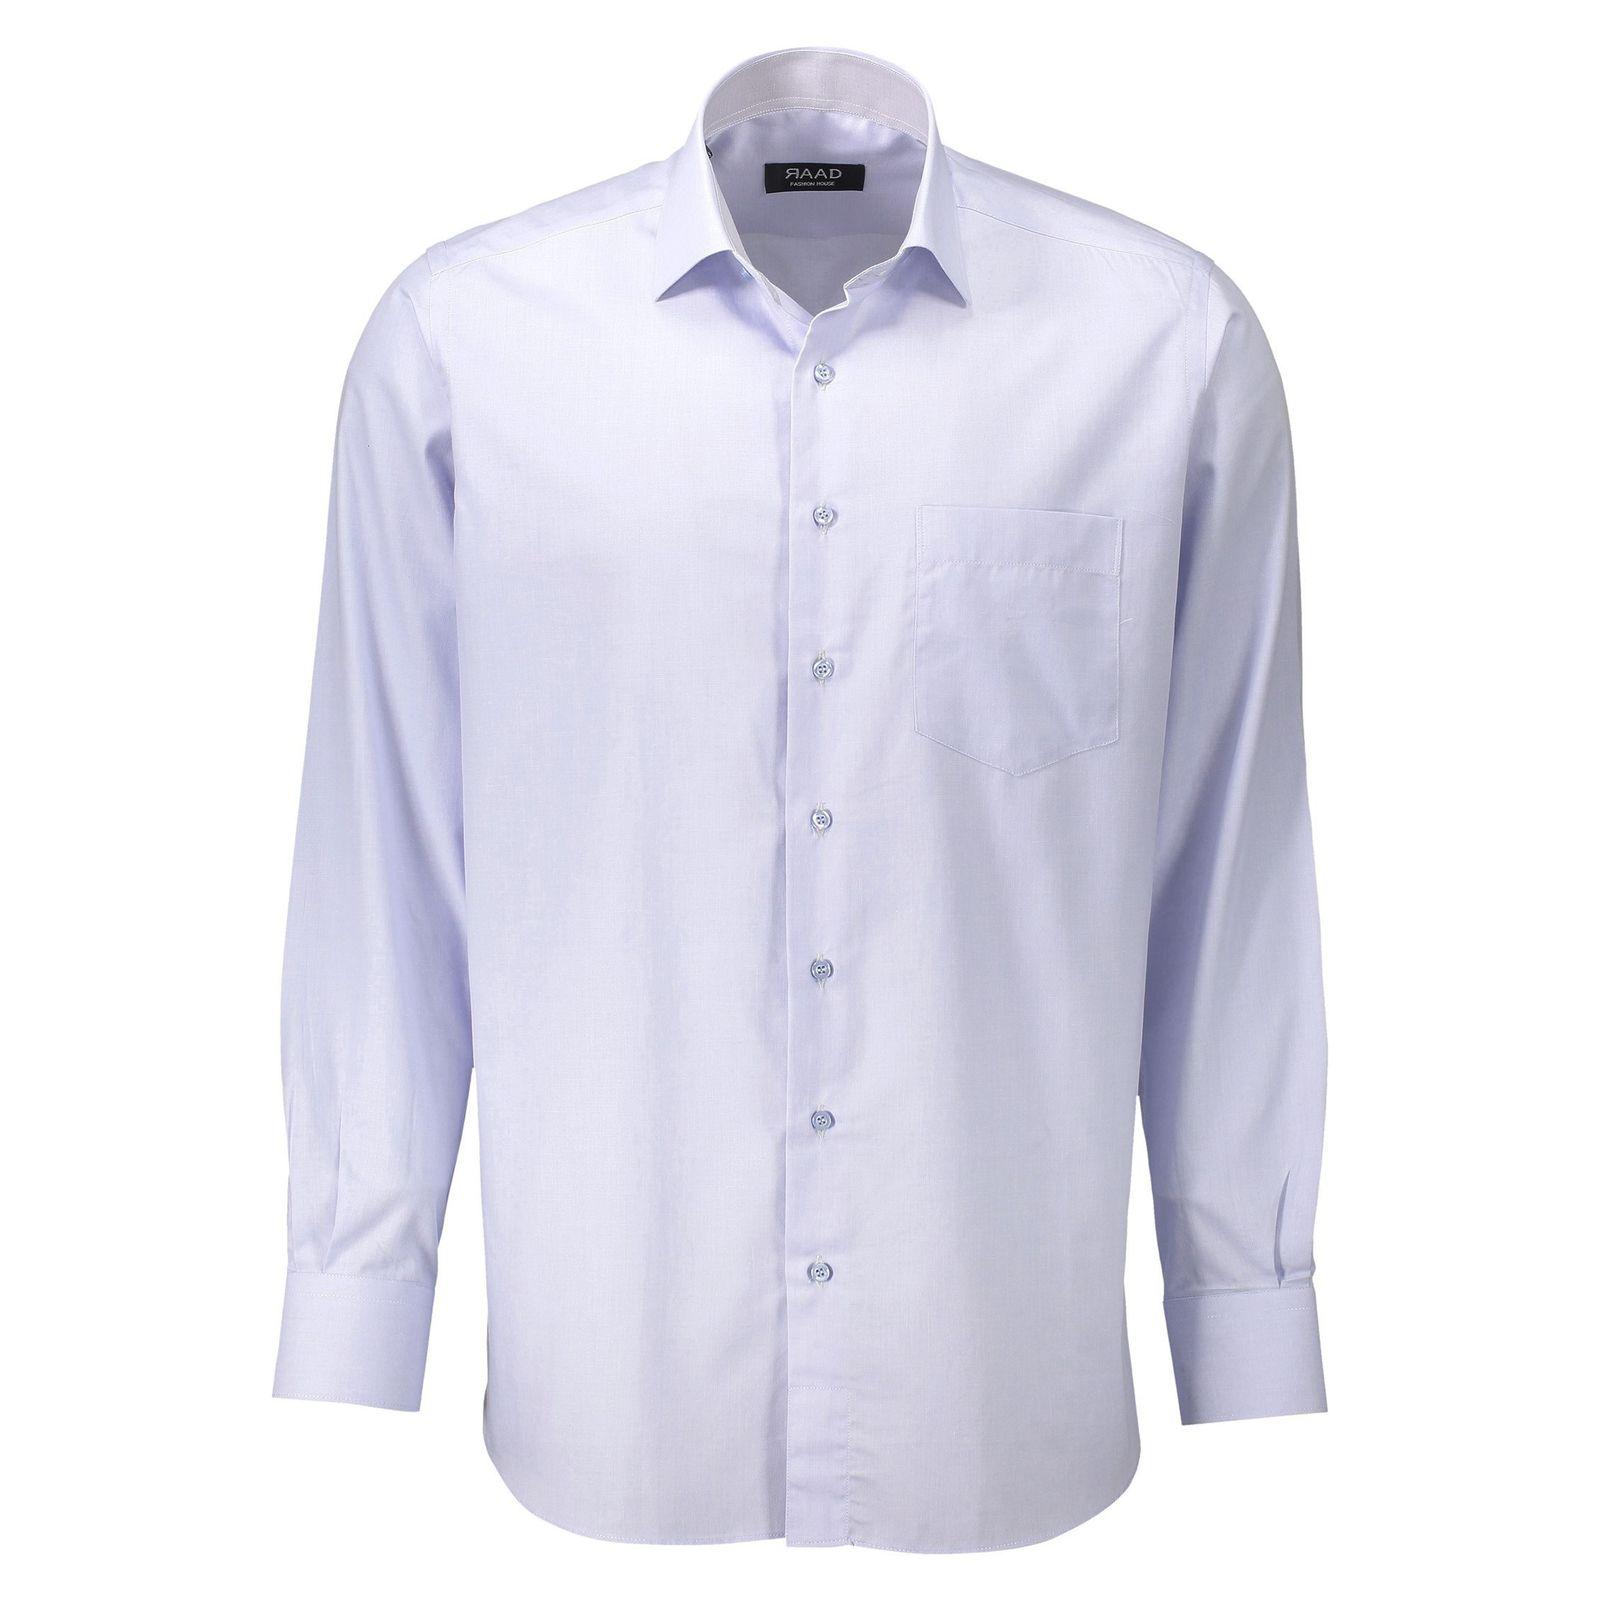 پیراهن آستین بلند مردانه - خانه مد راد - آبي روشن - 1